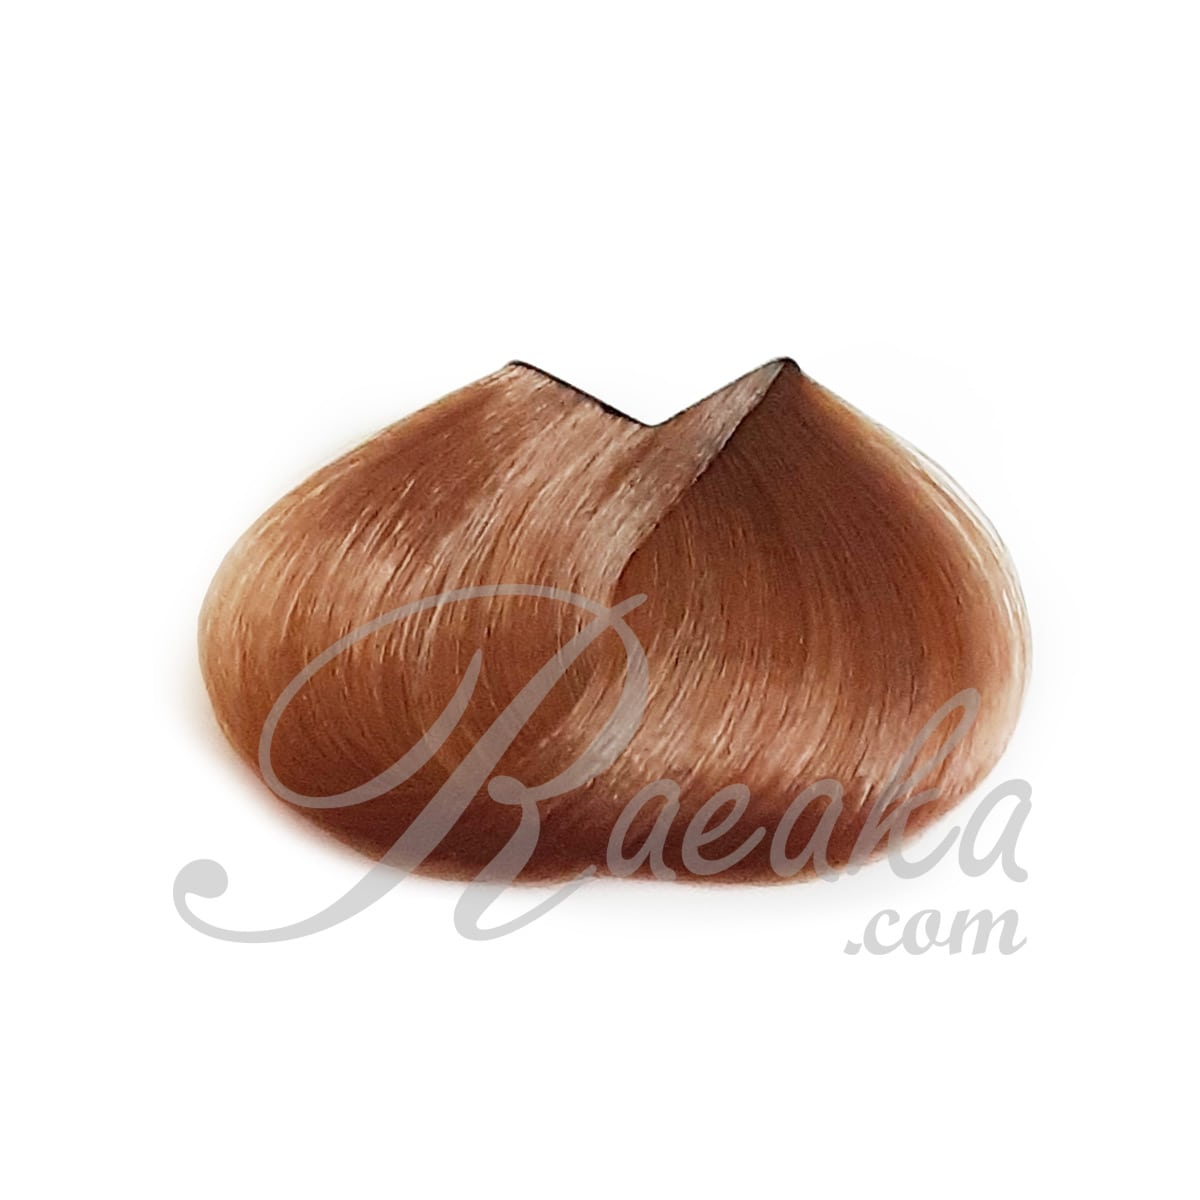 کیت رنگ موی زی فام شماره ۷٫۸ (بلوند موکا) با محافظت سه گانه